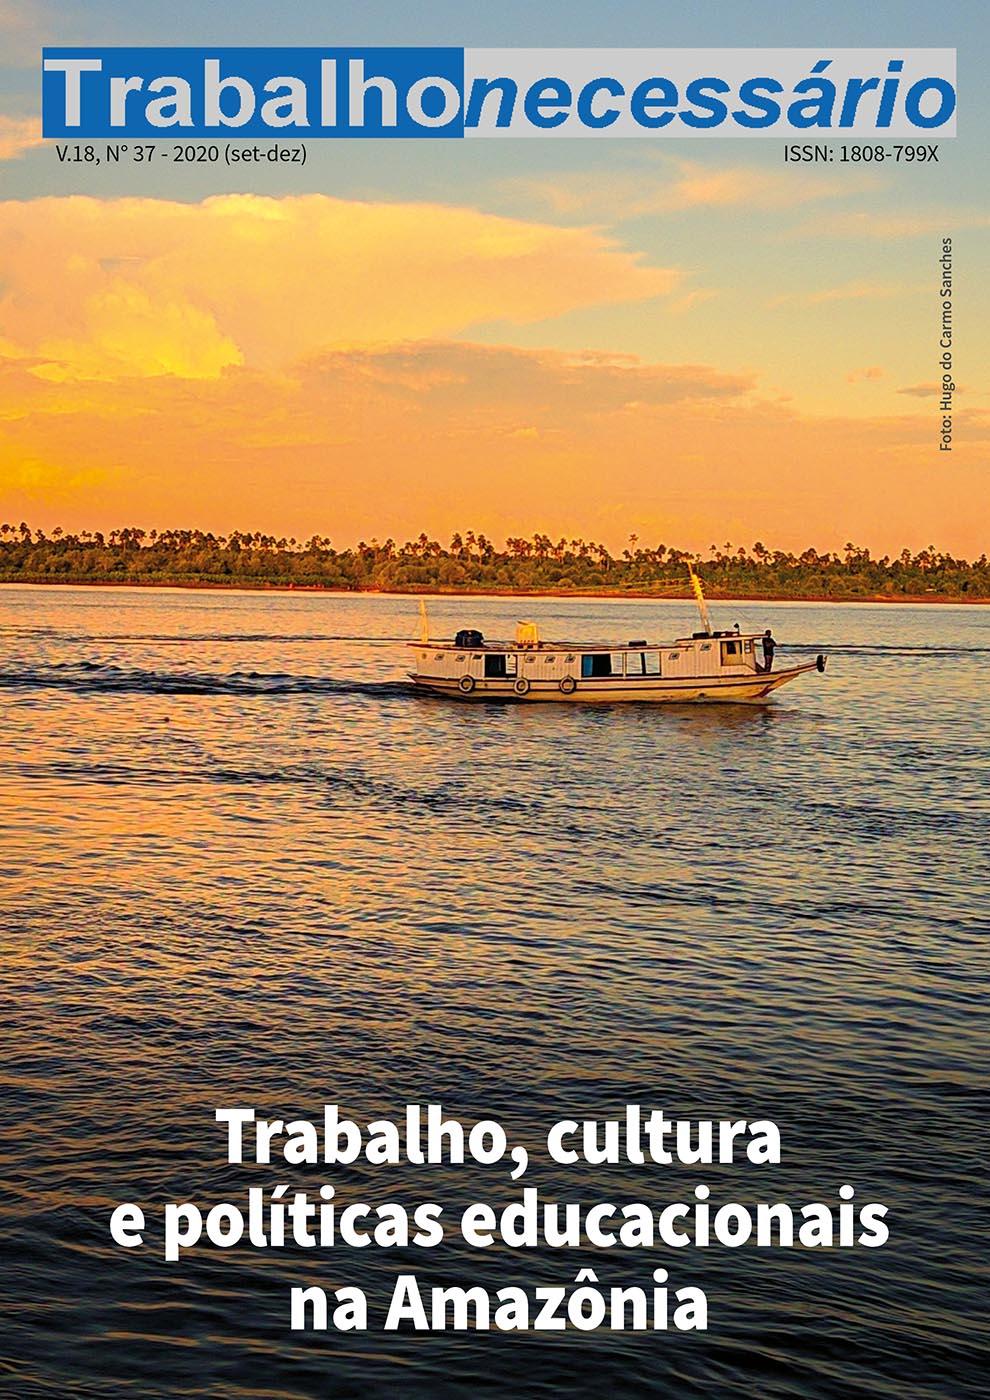 Visualizar v. 18 n. 37 (2020): Trabalho, cultura e políticas educacionais na Amazônia